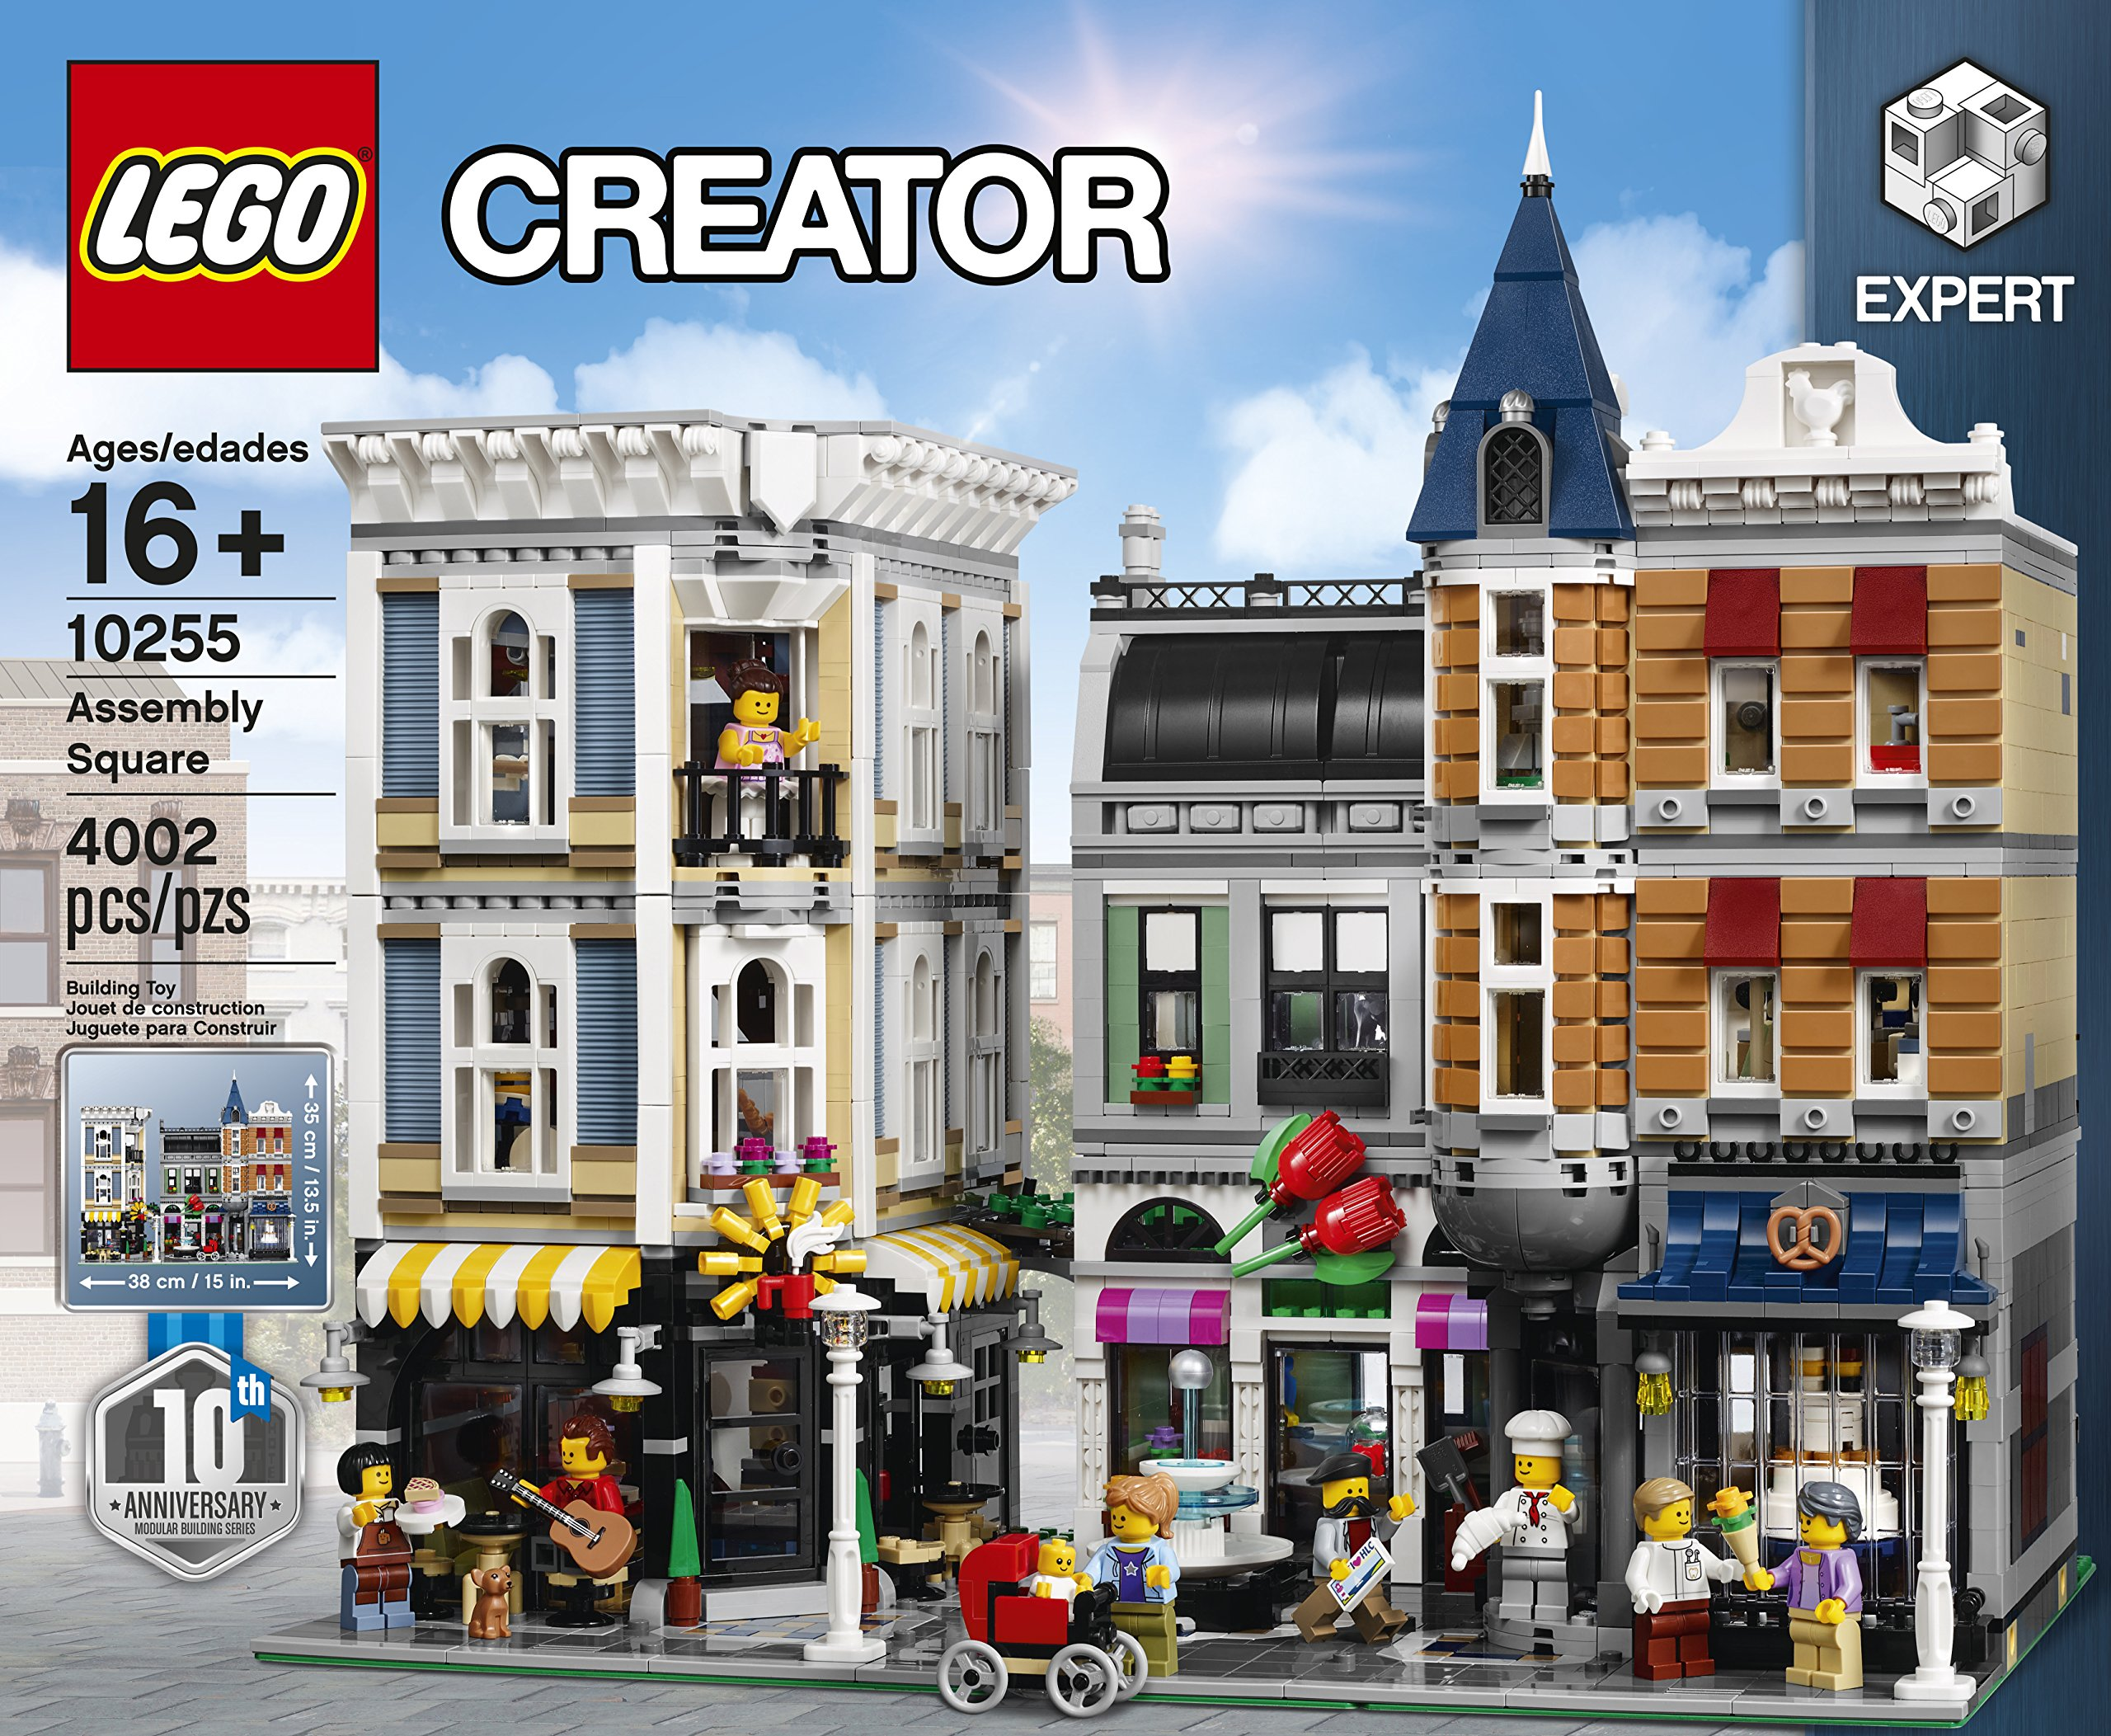 lego creator expert assembly square 10255 building kit ebay. Black Bedroom Furniture Sets. Home Design Ideas